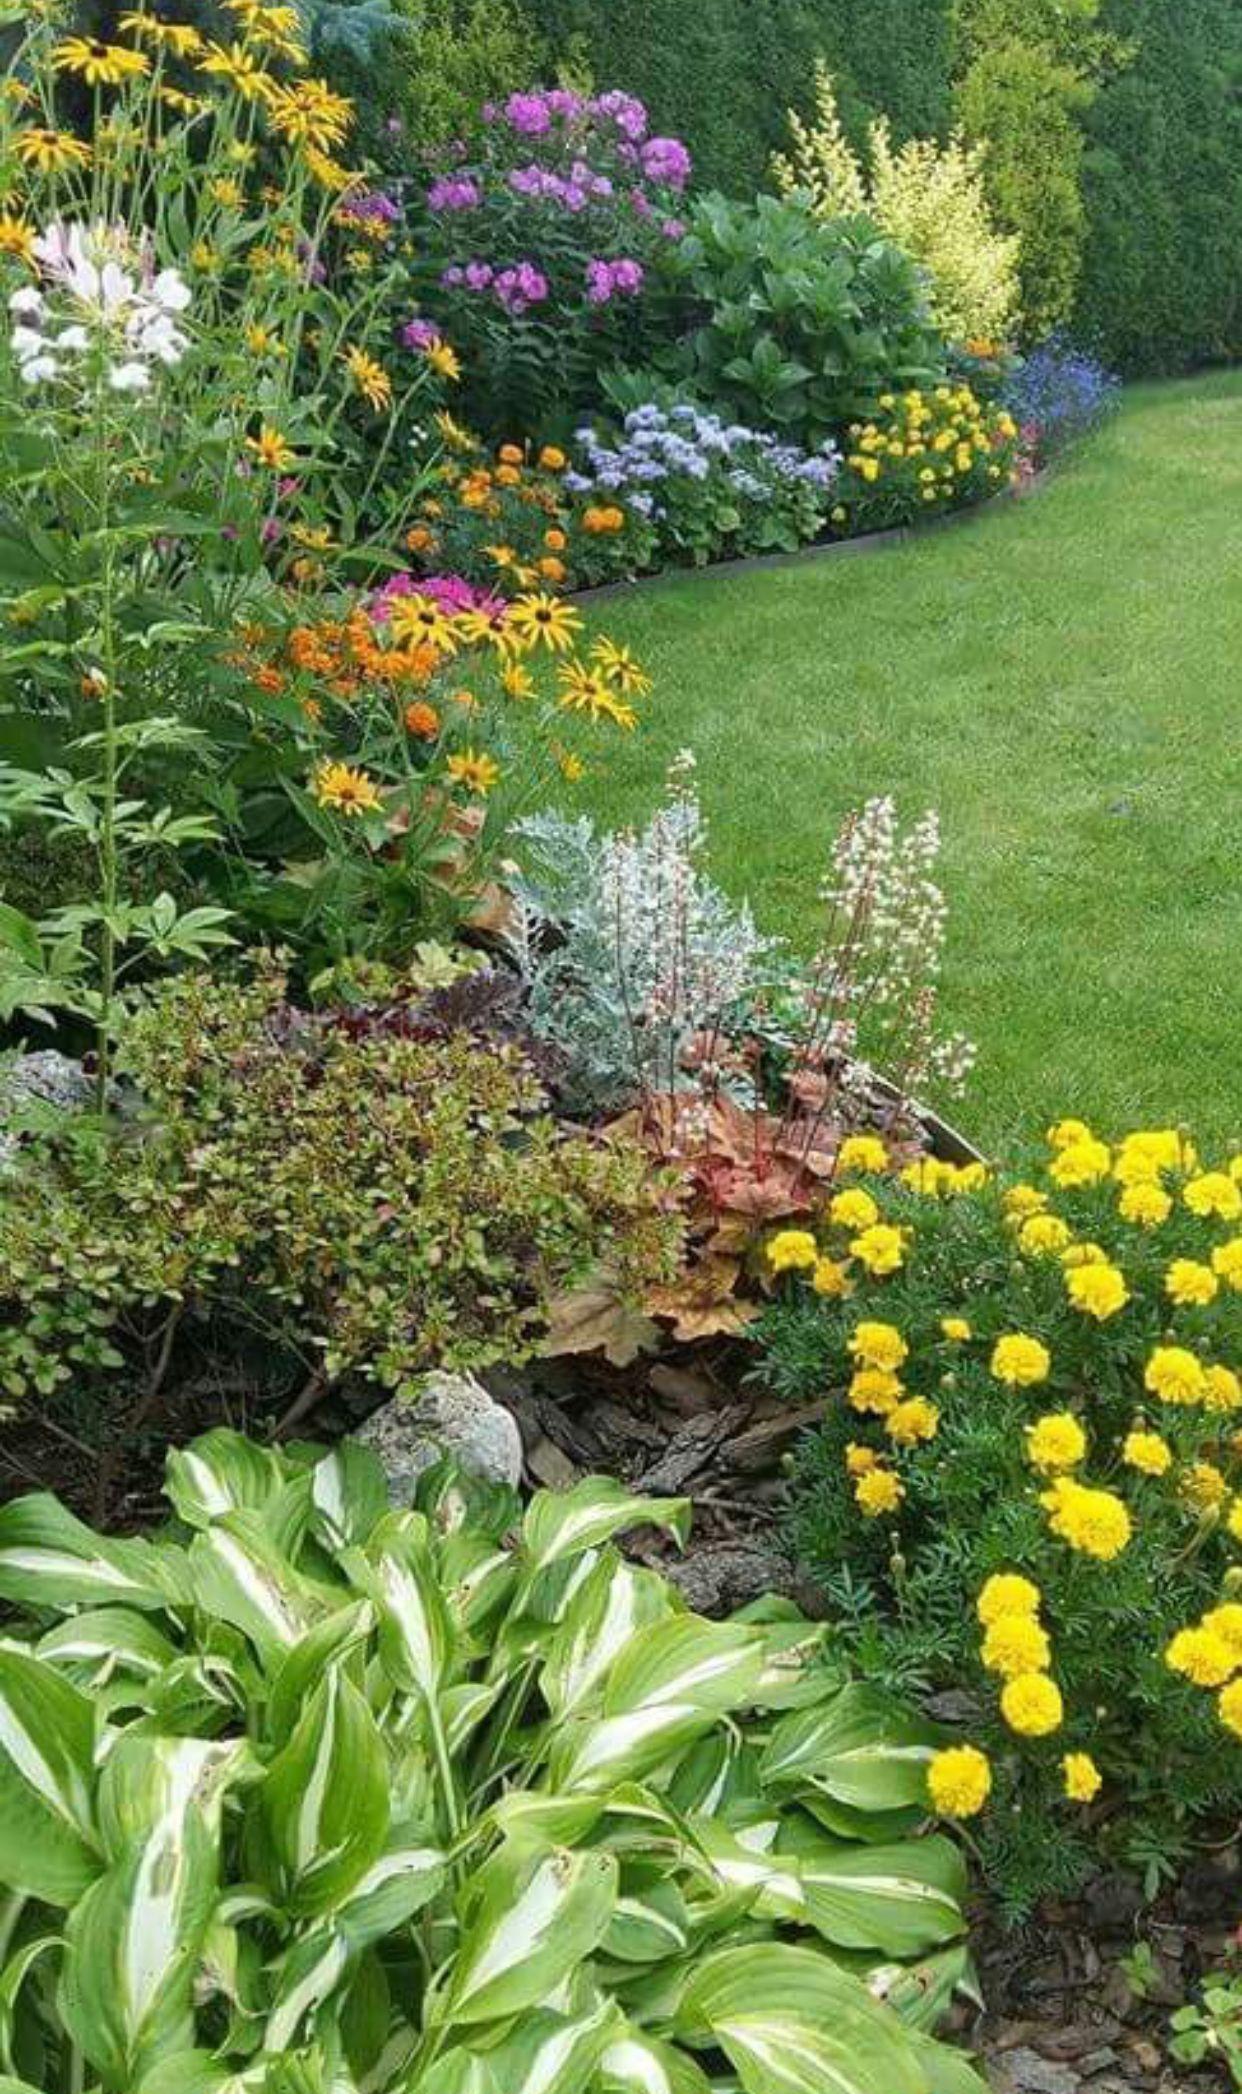 Blickfang Gartentraum Ideen Von Pin By Dea76 On Deas | Inspiration